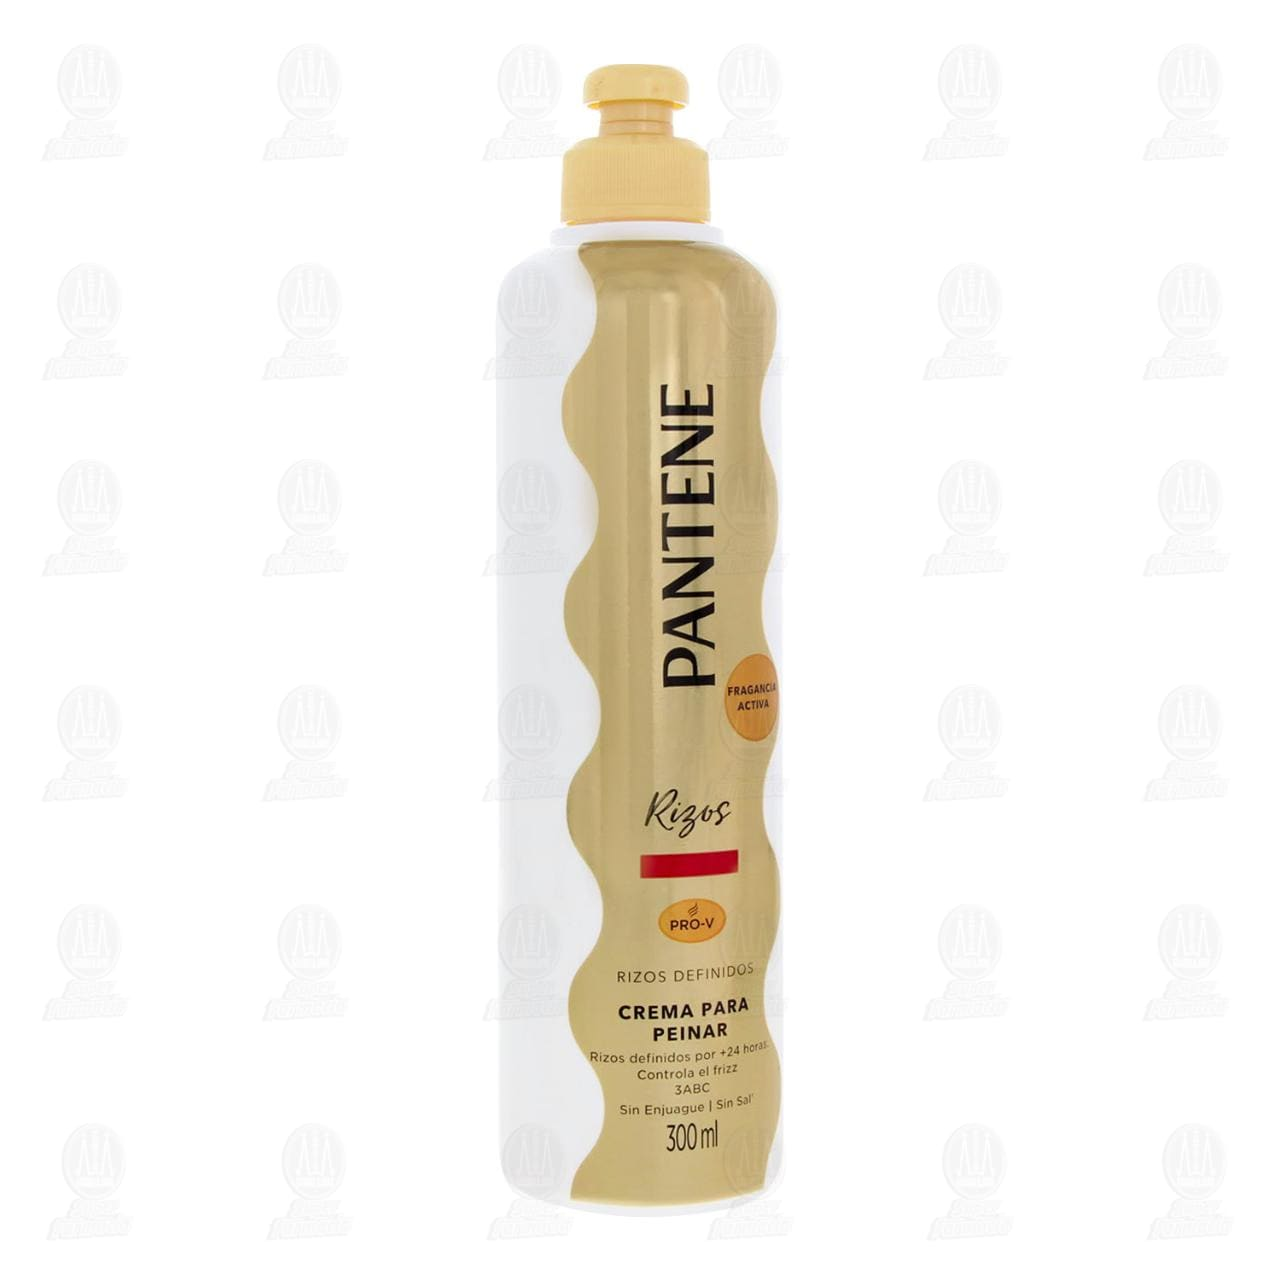 Crema de Peinar Pantene Pro-V Rizos Definidos, 300 ml.